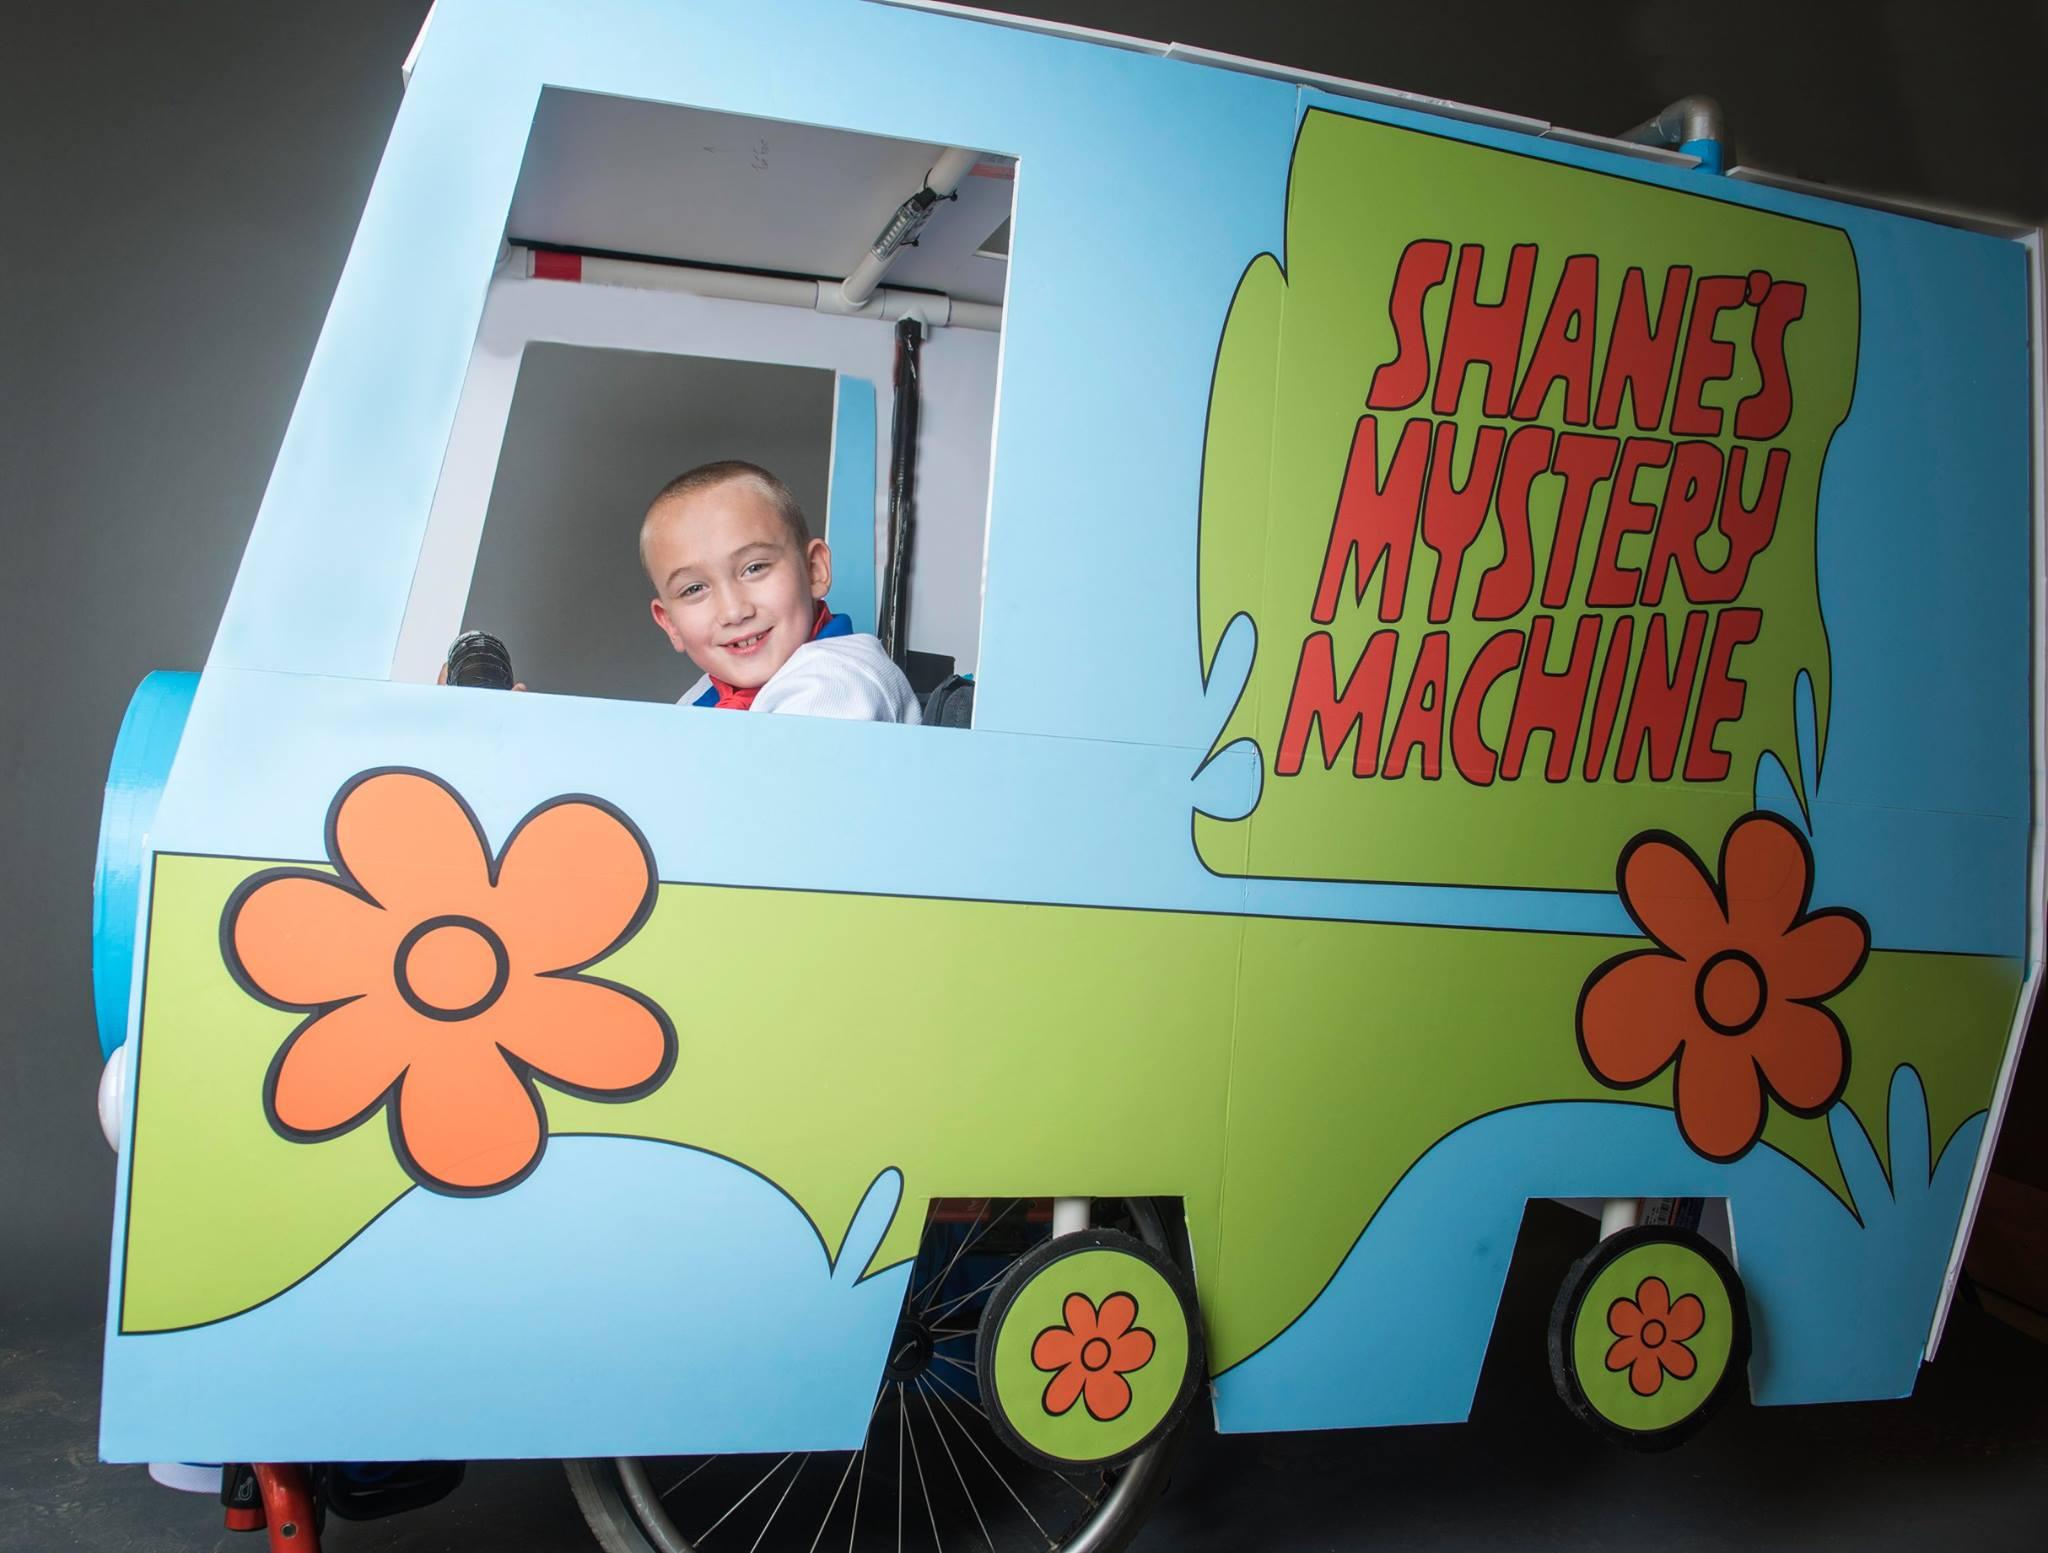 Pai começou customizando fantasia para filho cadeirante e agora tem ONG para atender mais crianças 3